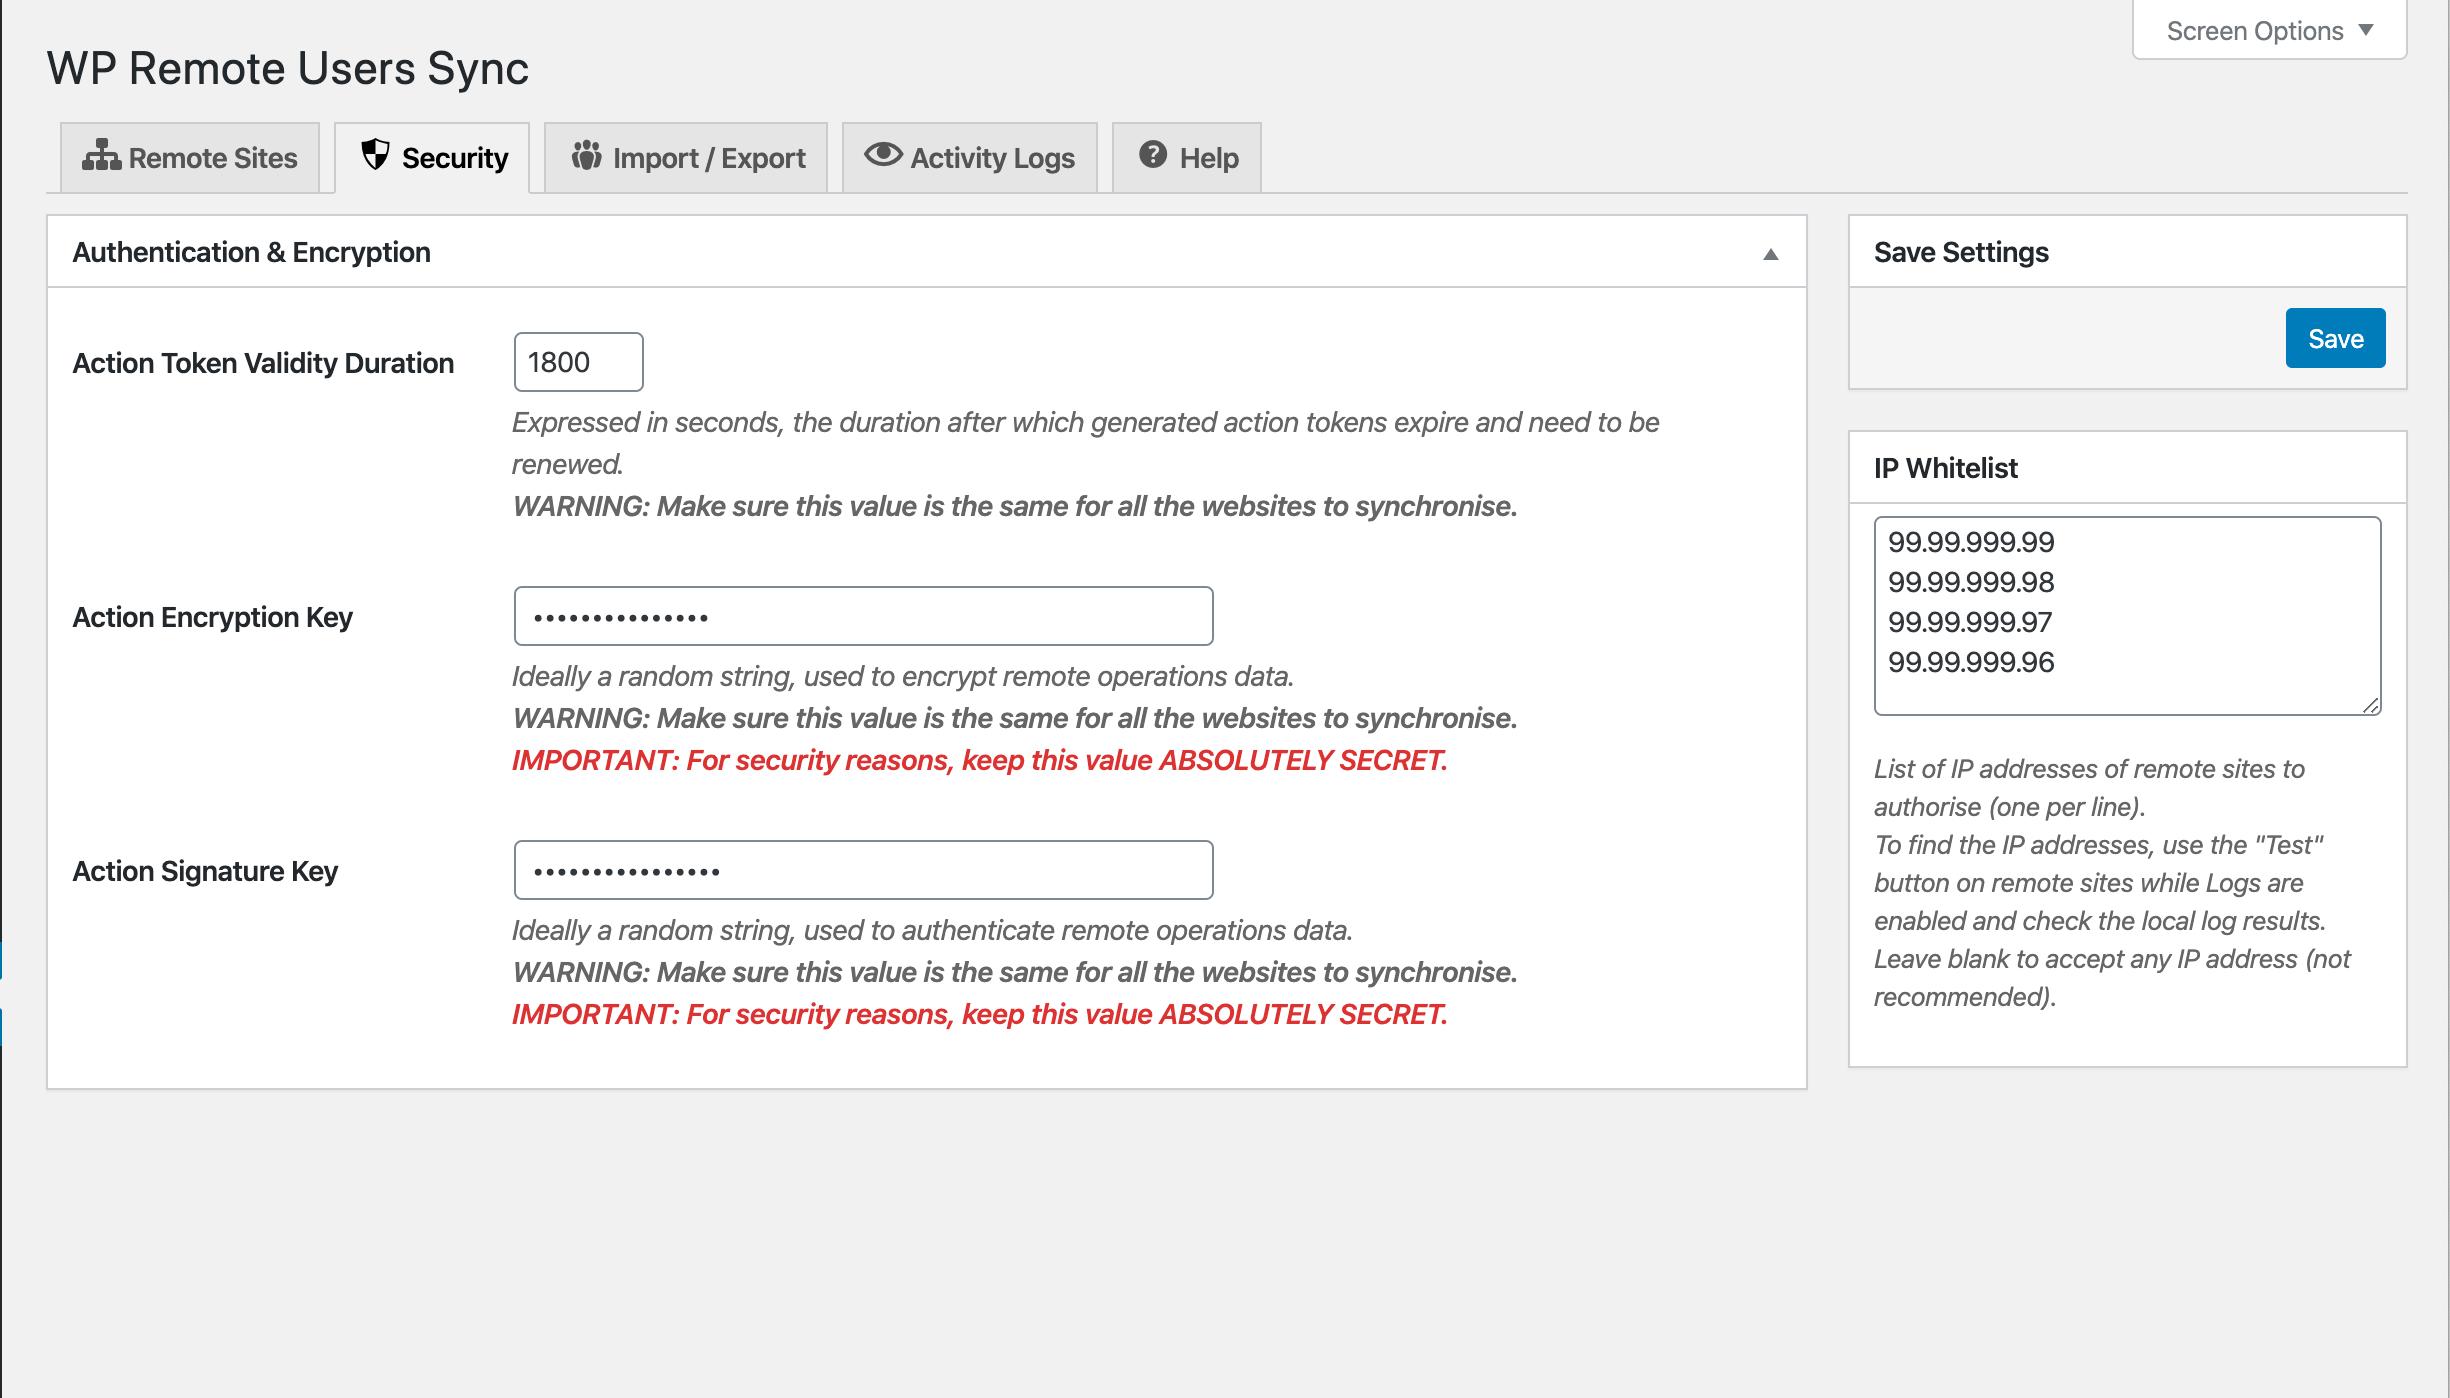 複数のサイト間でユーザー情報の同期、ログインやログアウトの同時処理ができるようになるプラグイン「WP Remote Users Sync」の画像|Knowledge Base